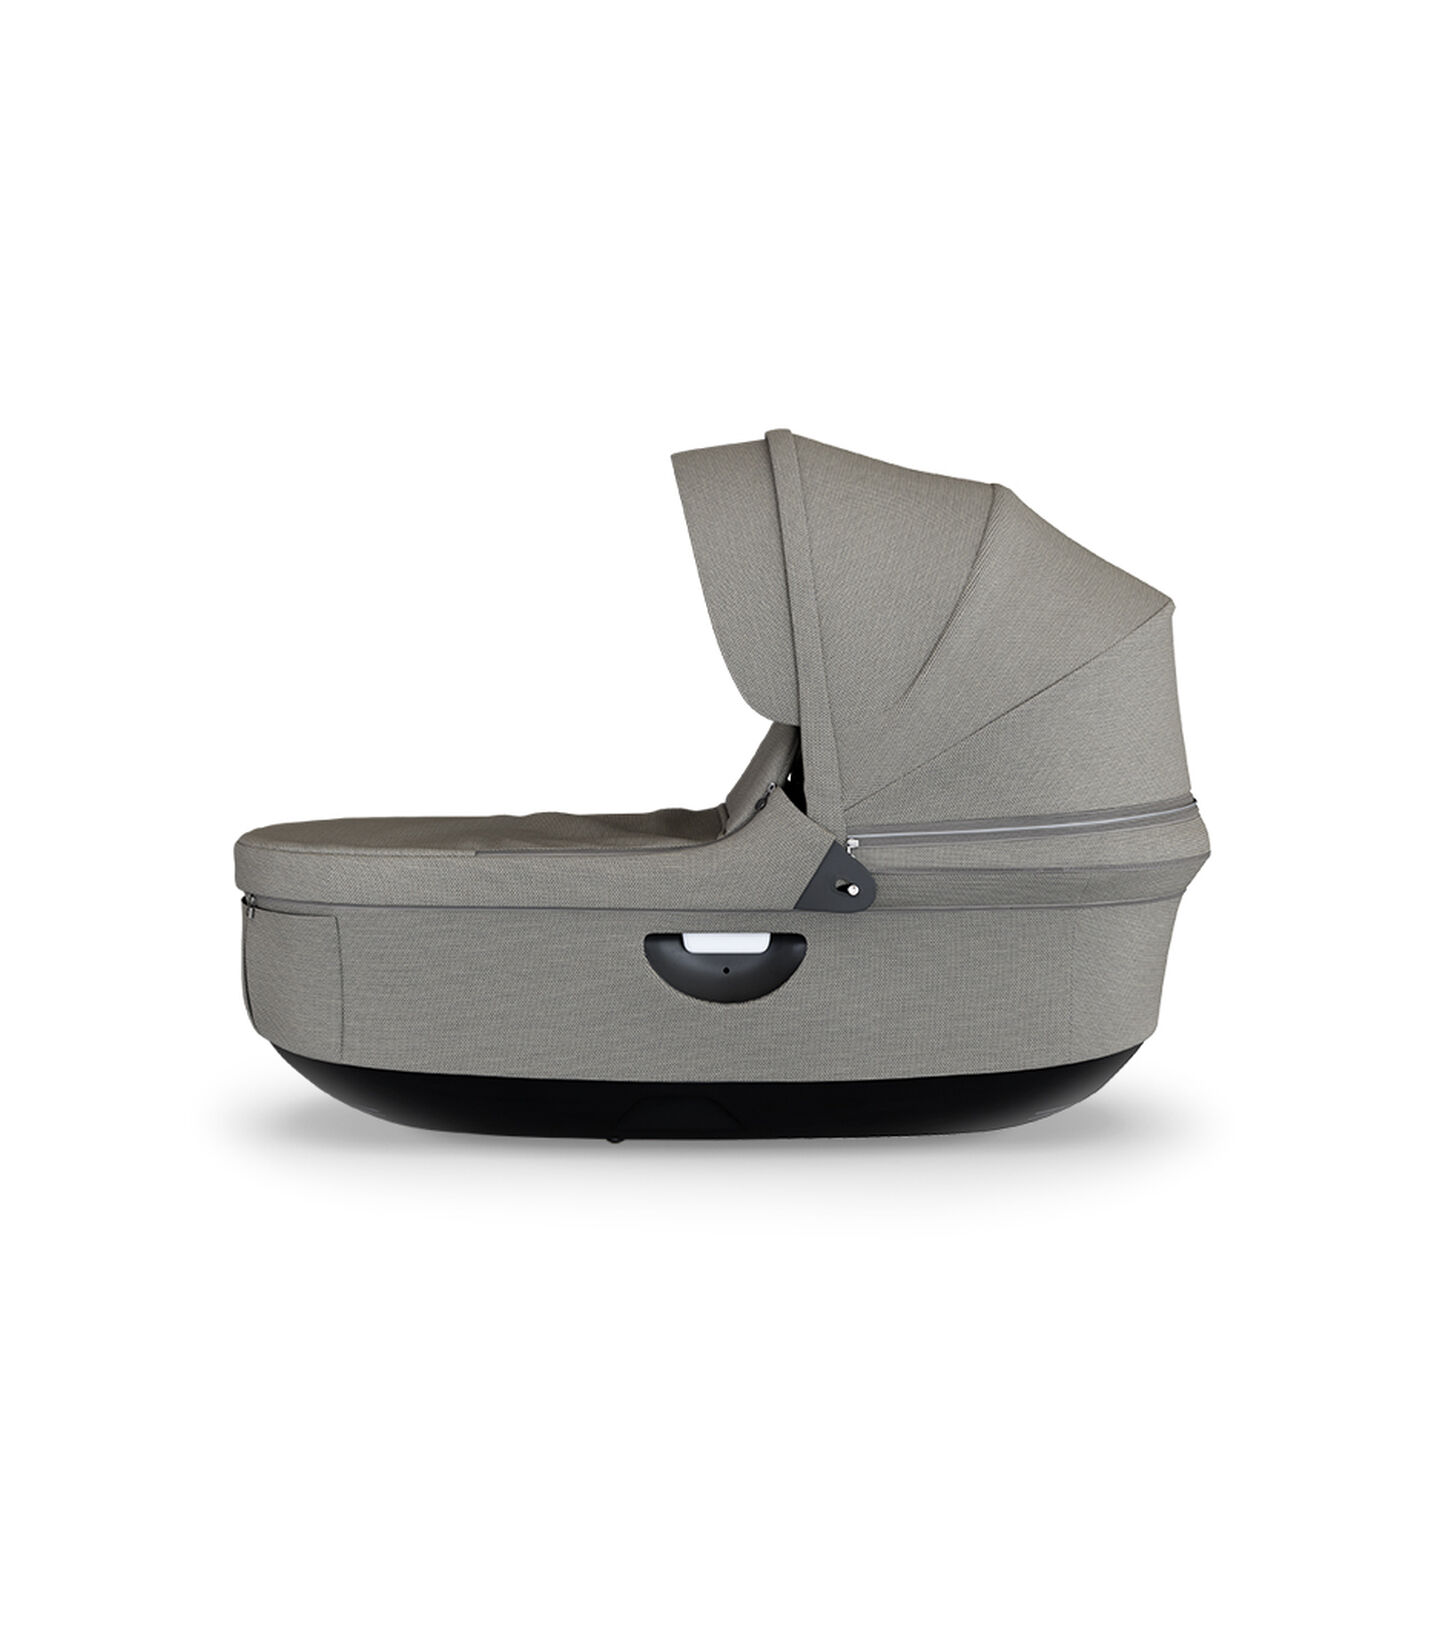 Strokke® Stroller Carry Cot, Brushed Grey.